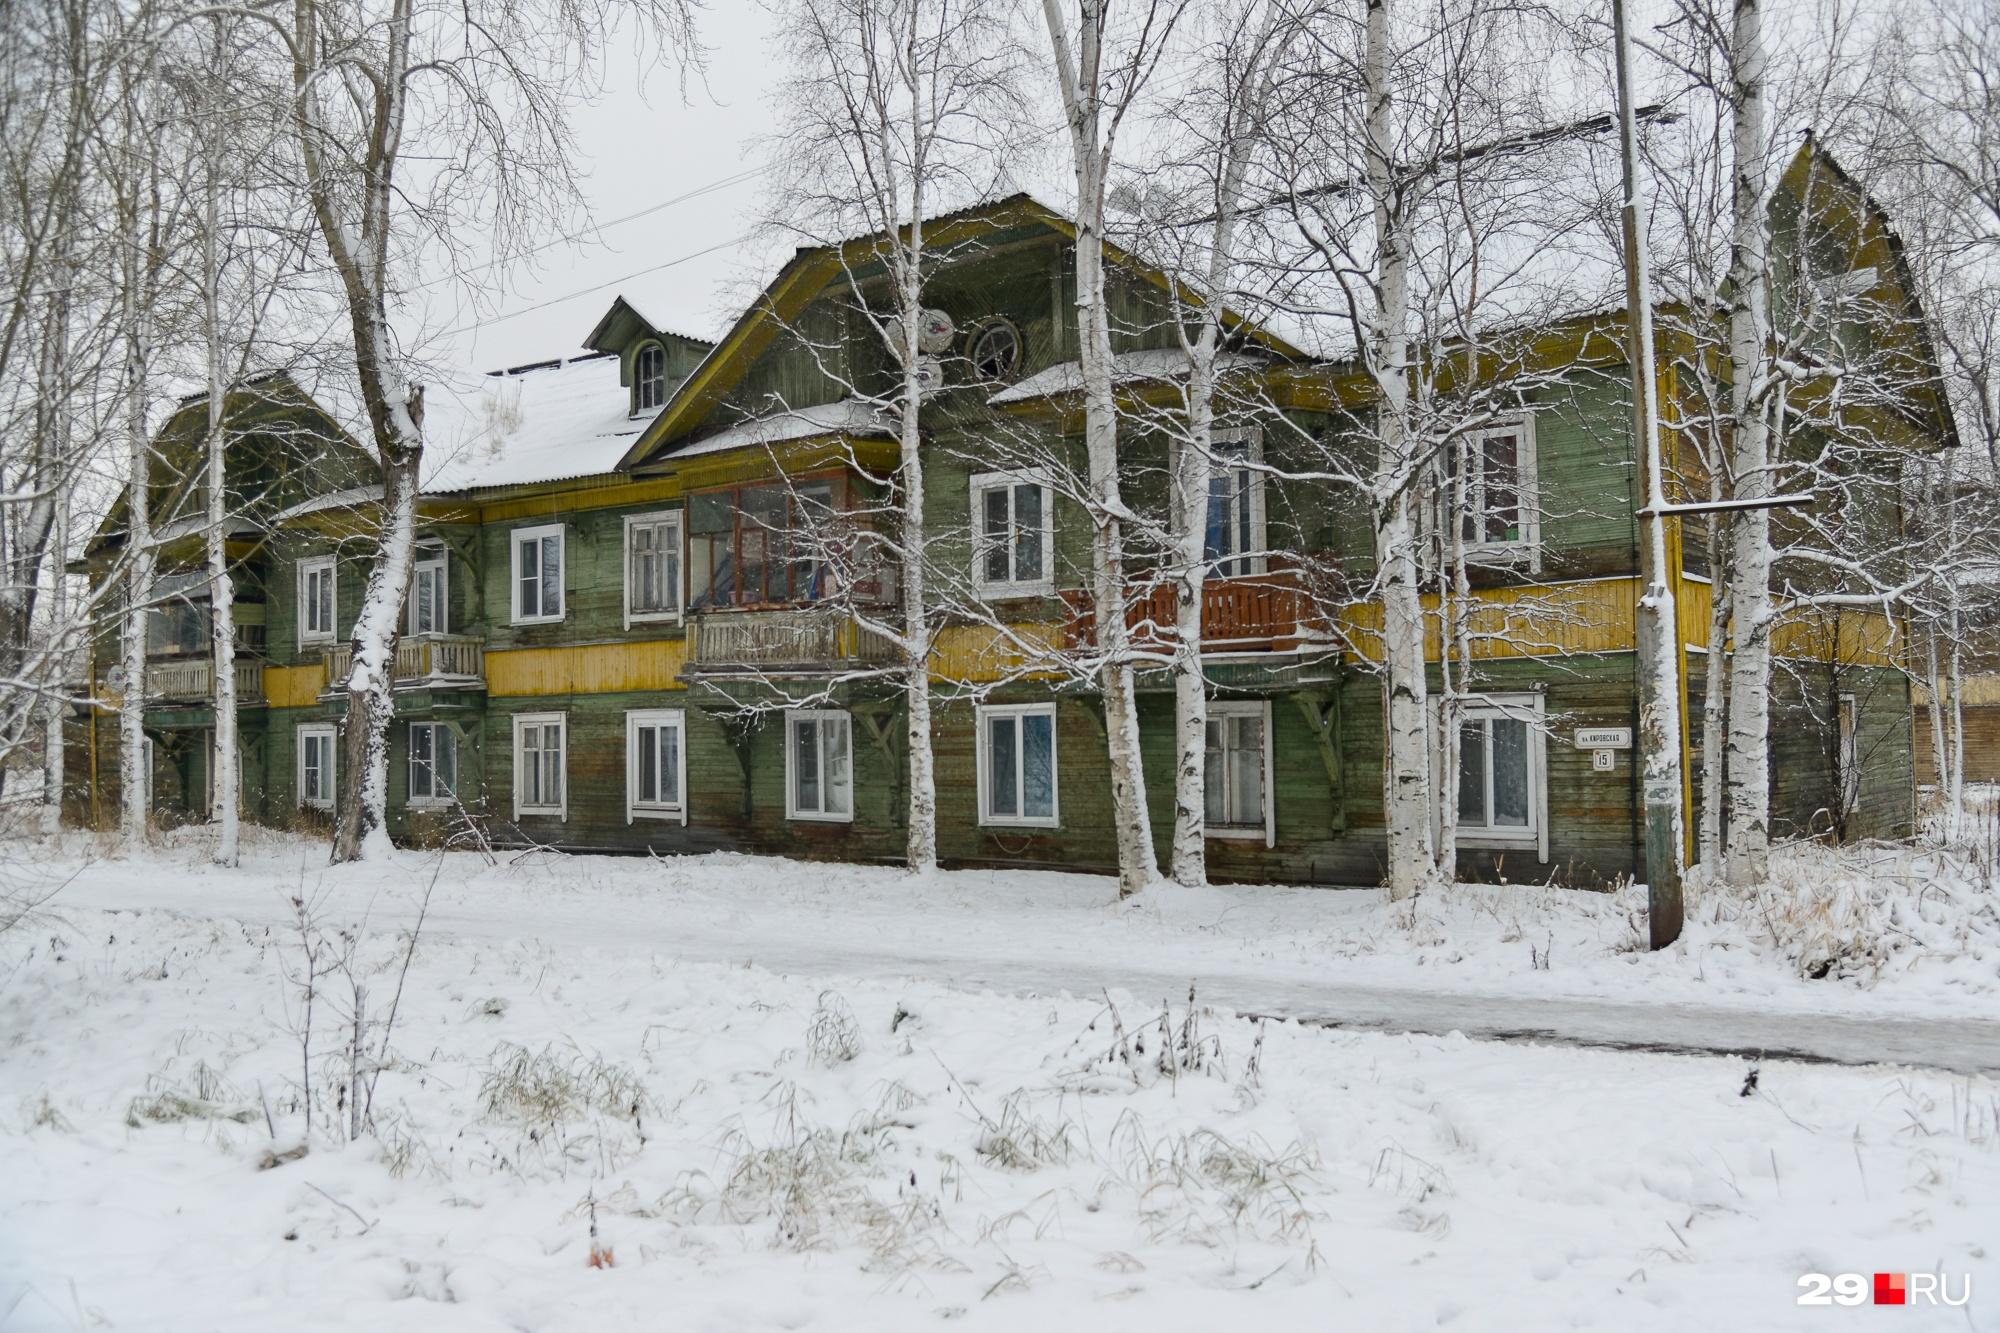 Дома есть очень красивые. Жаль, что за ними десятки лет должным образом не ухаживали, и из-за этого мы потеряем важную часть деревянного Архангельска